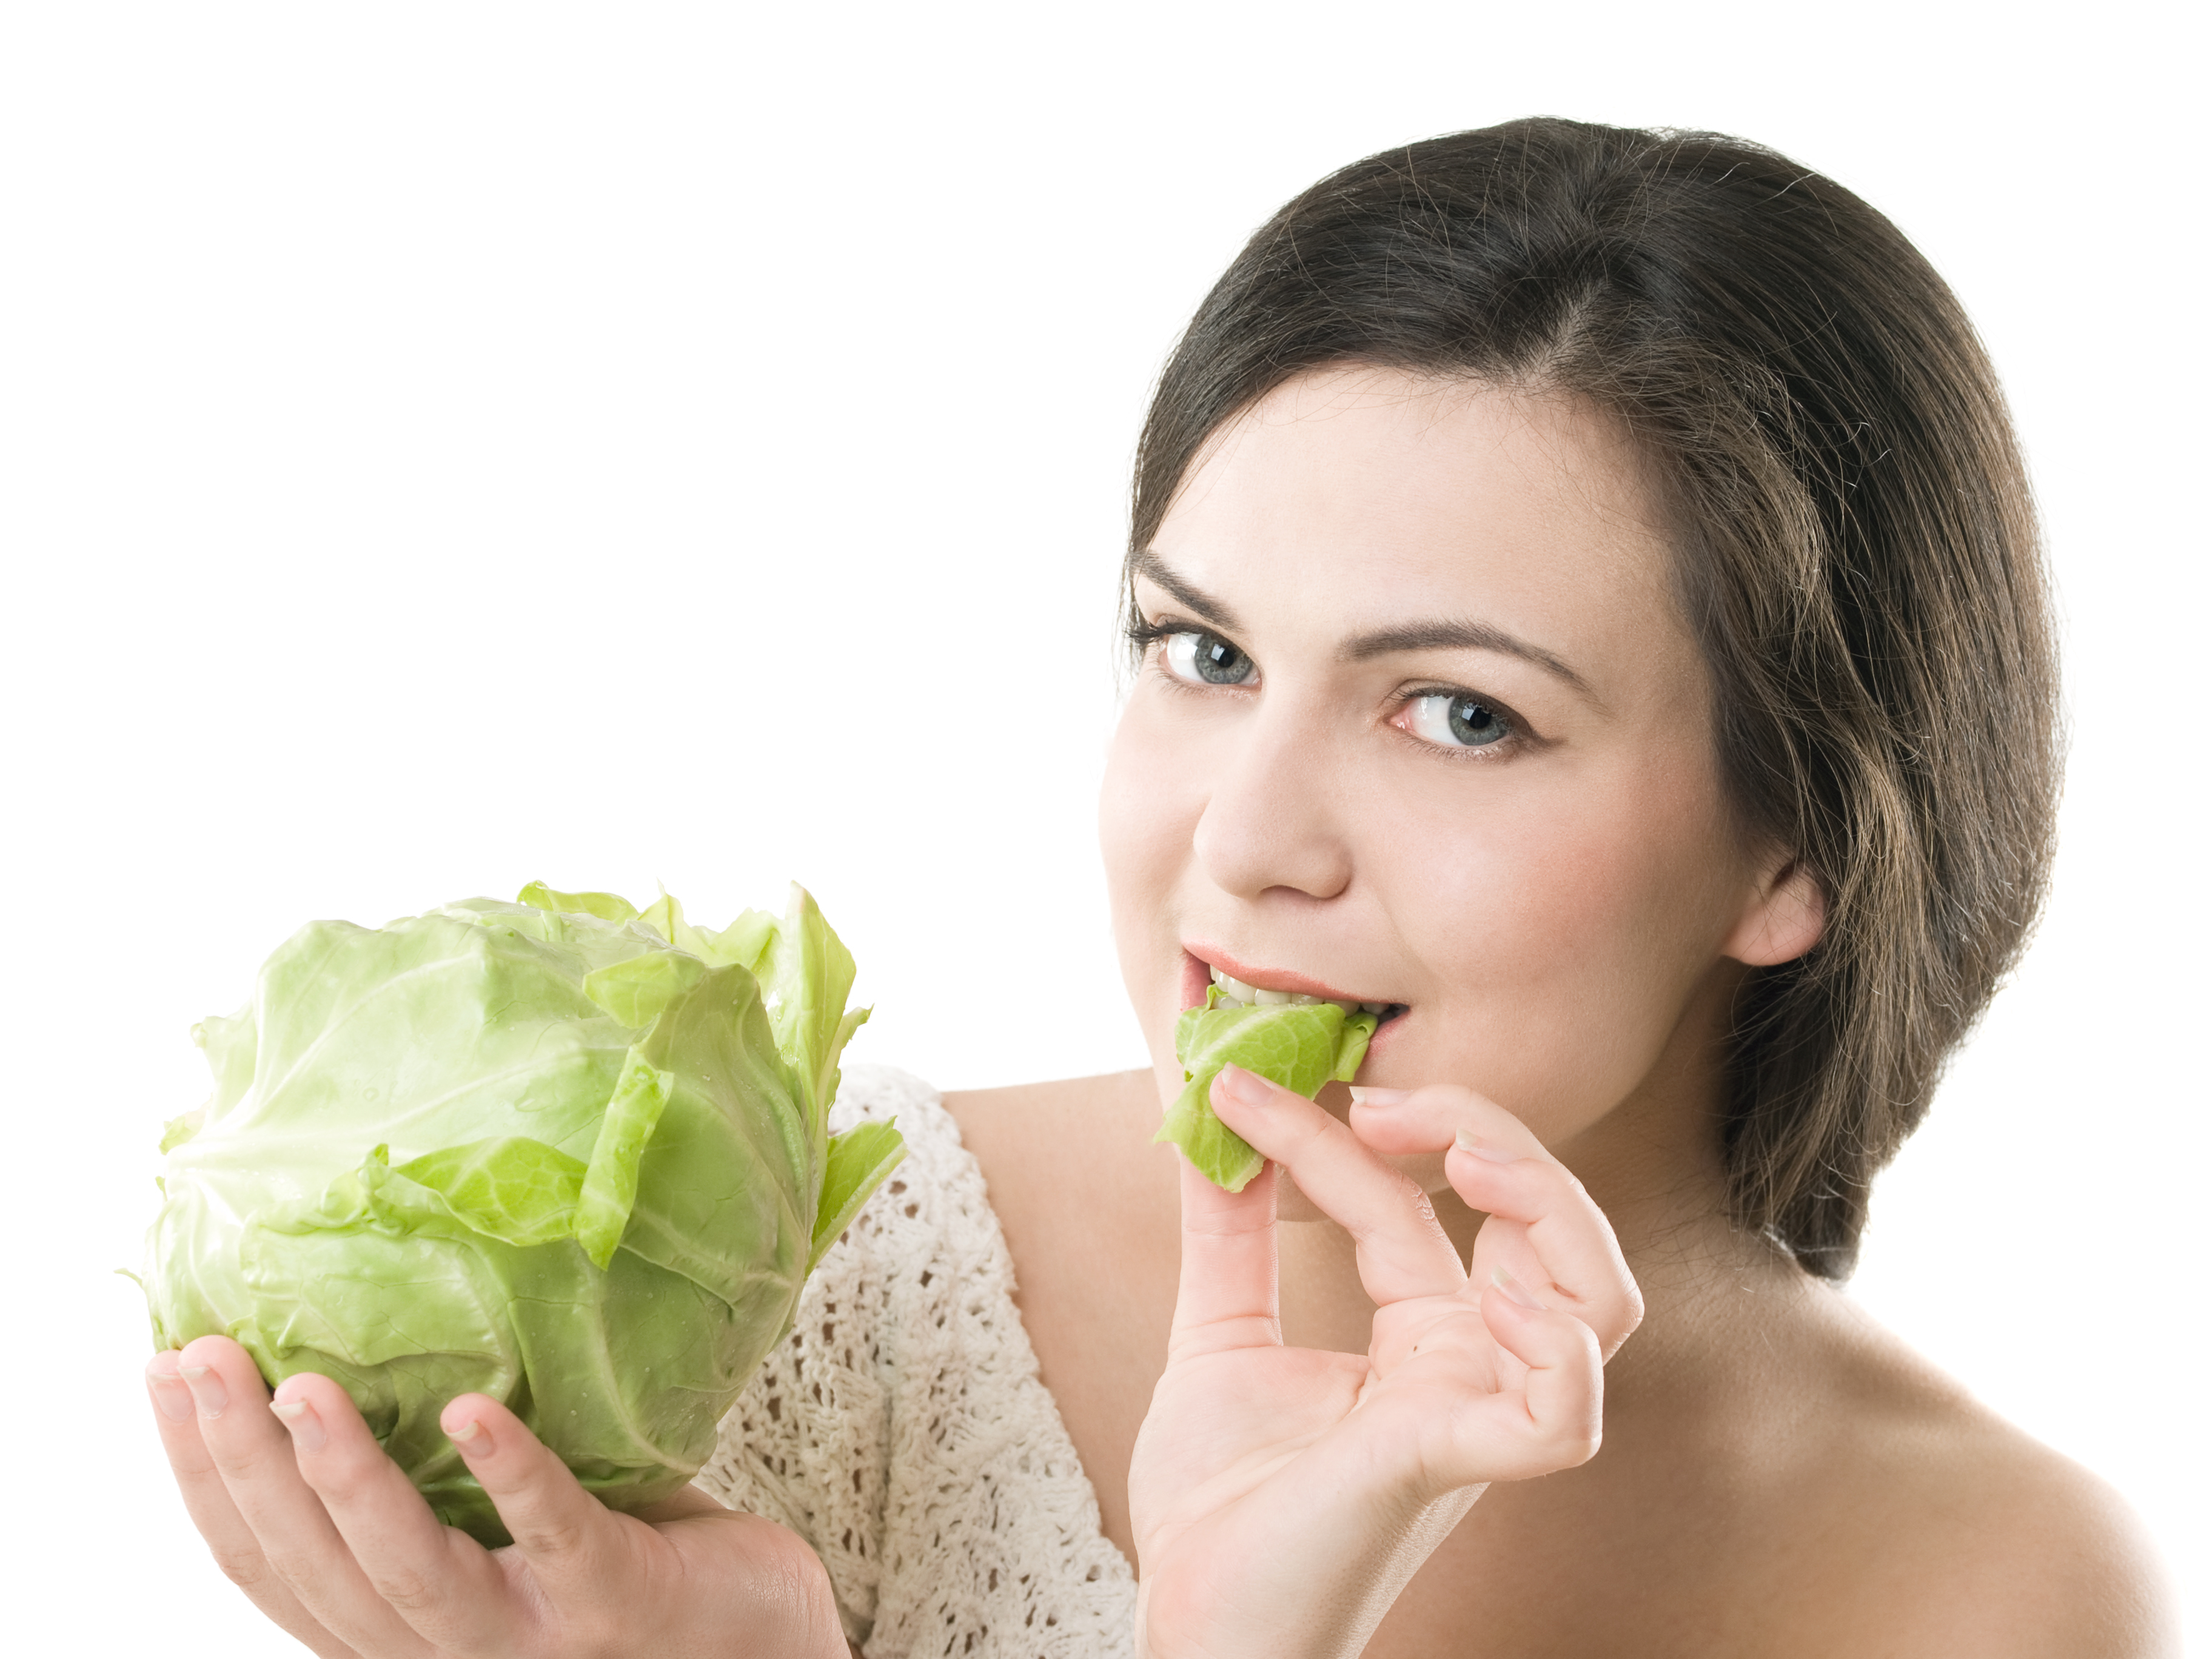 Капустная Диета Очищение. Как капуста влияет на похудение, правила диеты, ежедневное меню